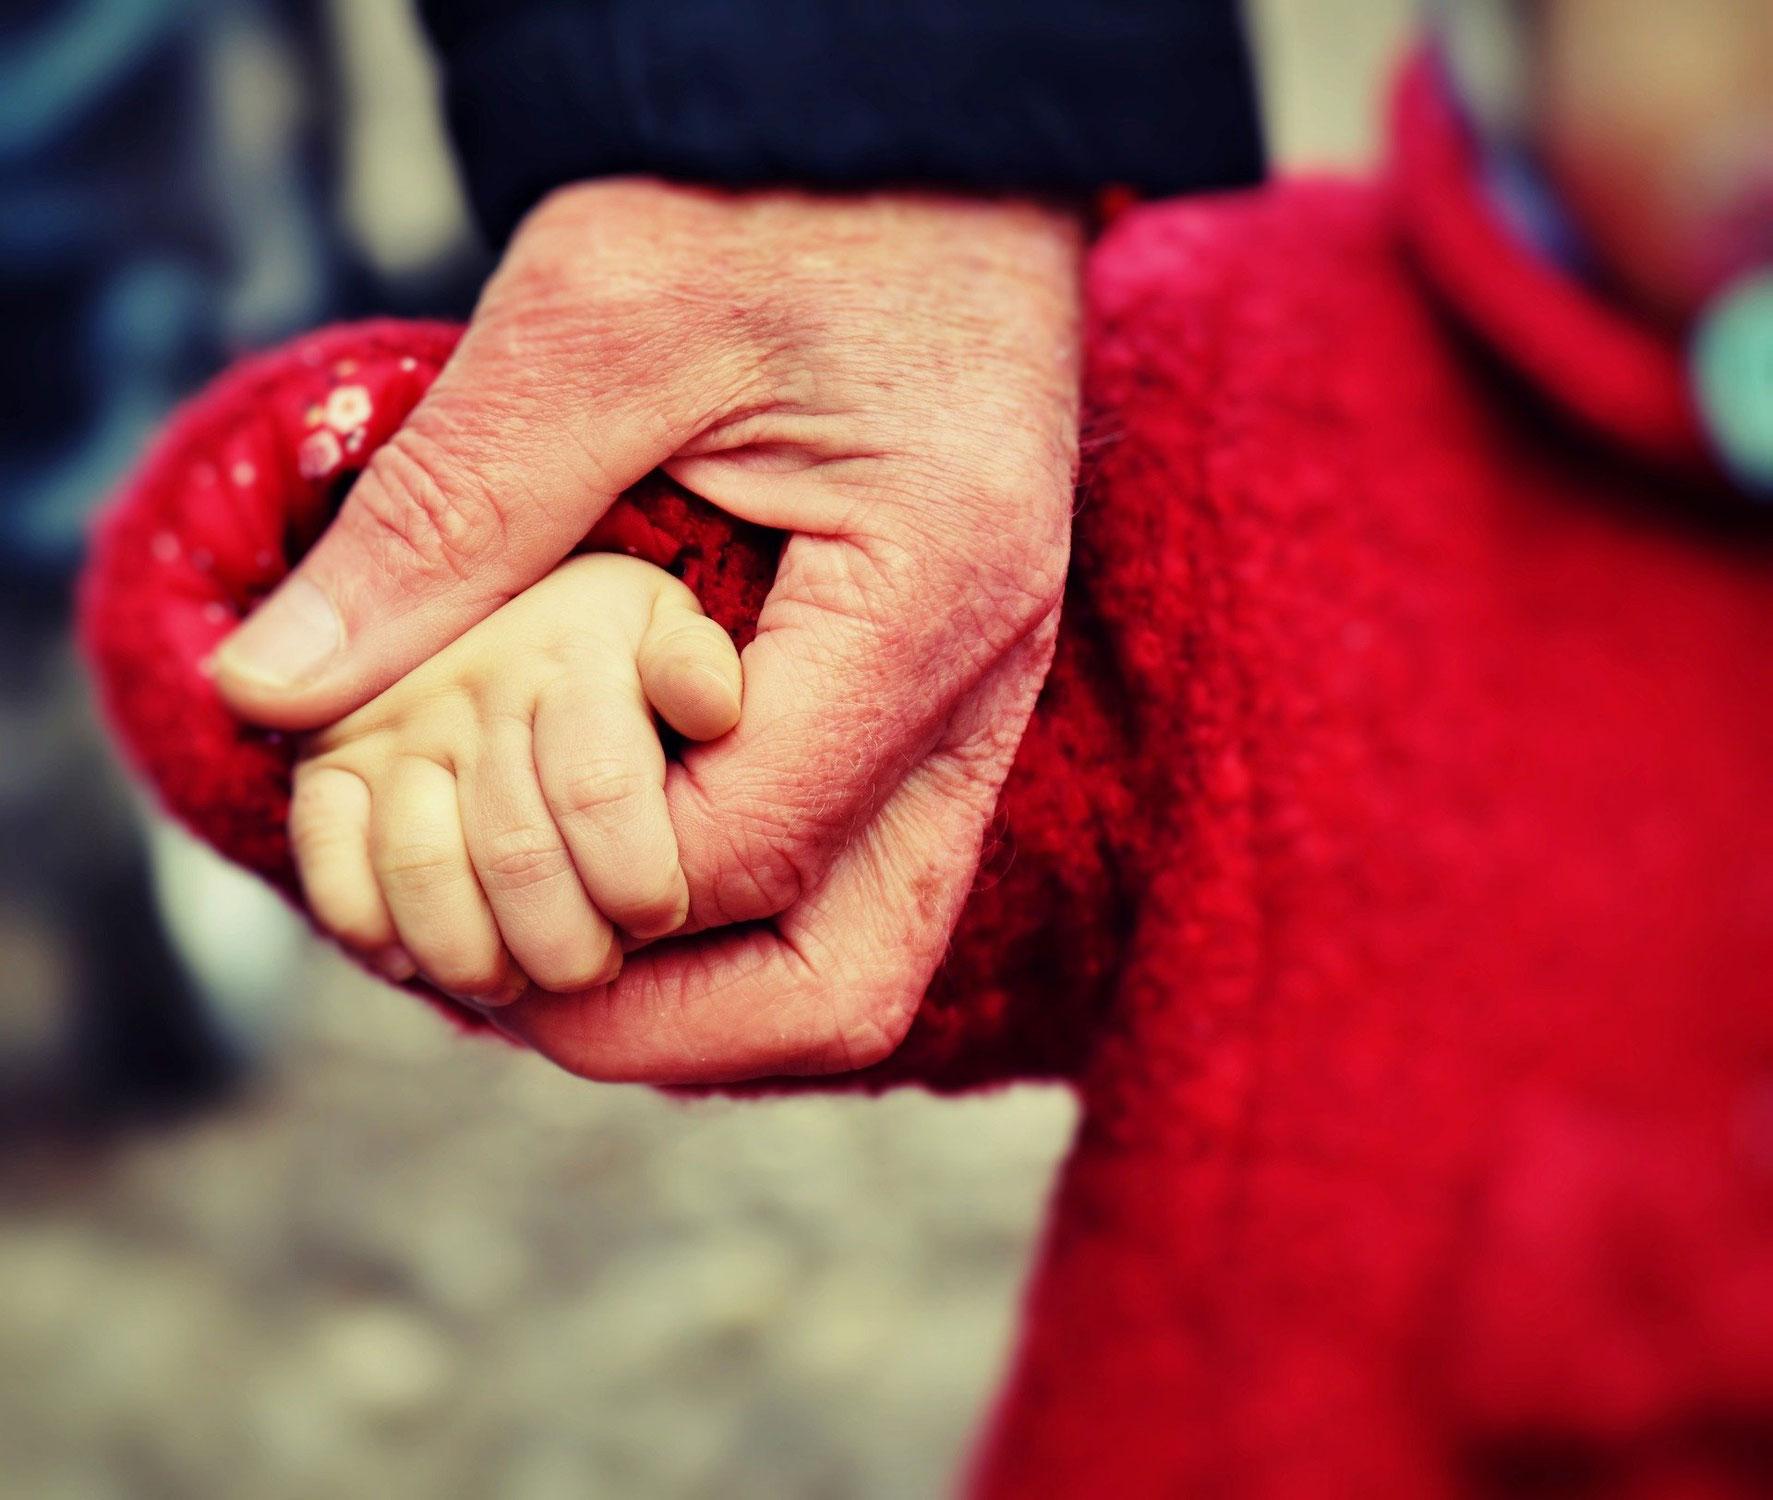 Salir más fuertes de la pandemia: aprovechar las primeras lecciones aprendidas